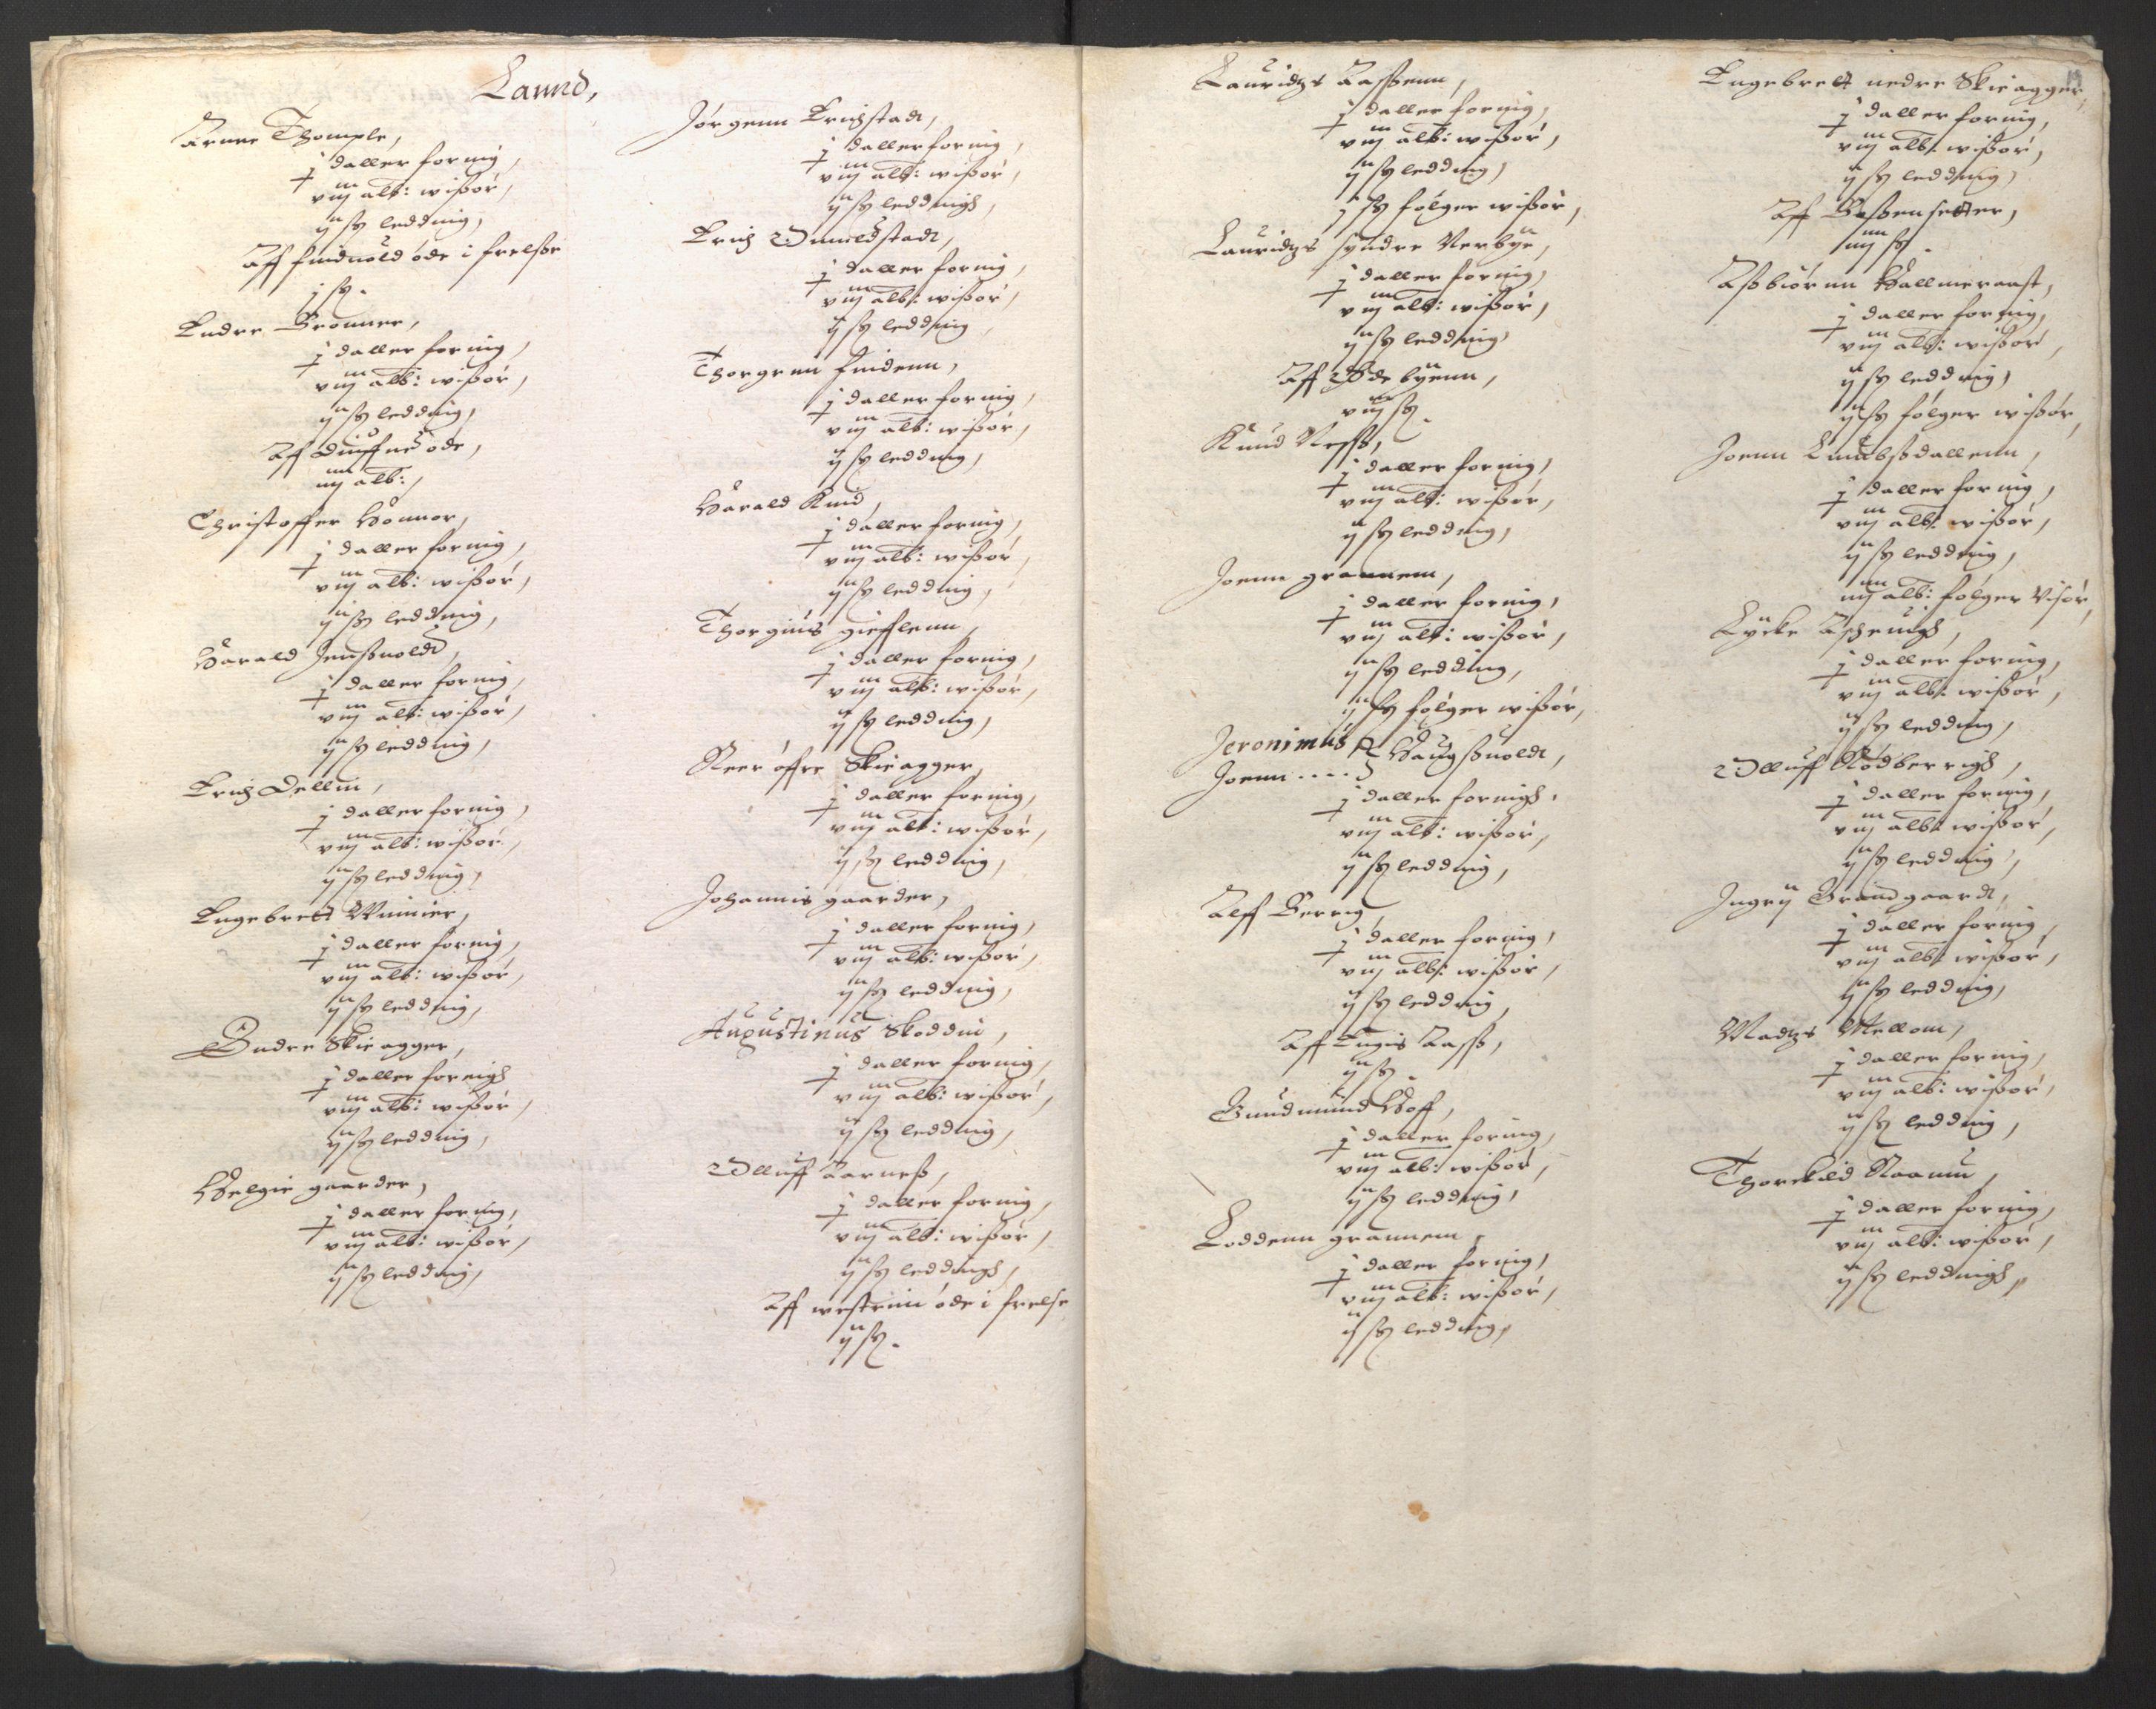 RA, Stattholderembetet 1572-1771, Ek/L0001: Jordebøker før 1624 og til utligning av garnisonsskatt 1624-1626:, 1624-1625, s. 85